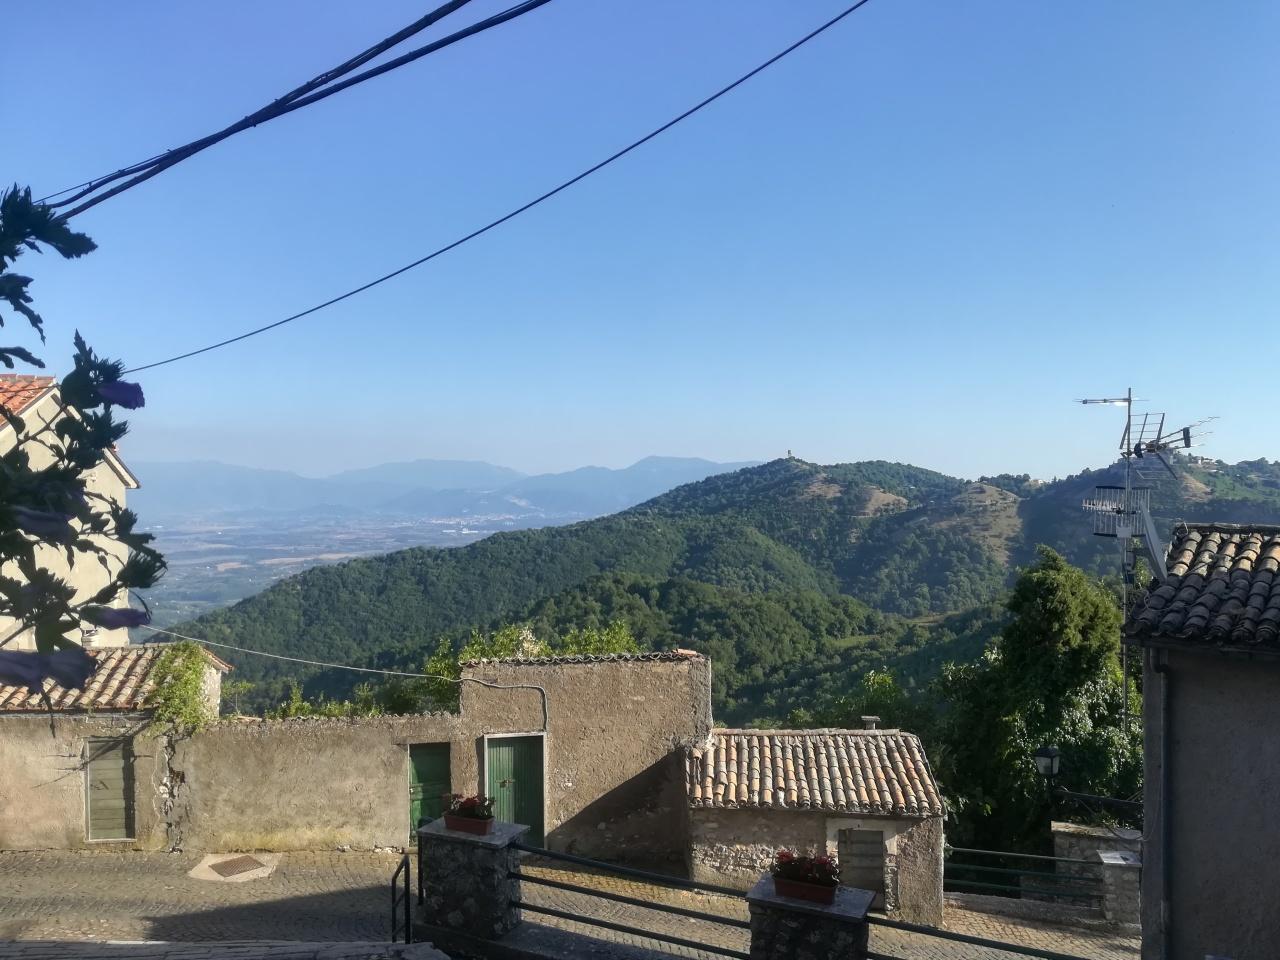 Appartamento in vendita a Capranica Prenestina, 3 locali, prezzo € 40.000 | CambioCasa.it